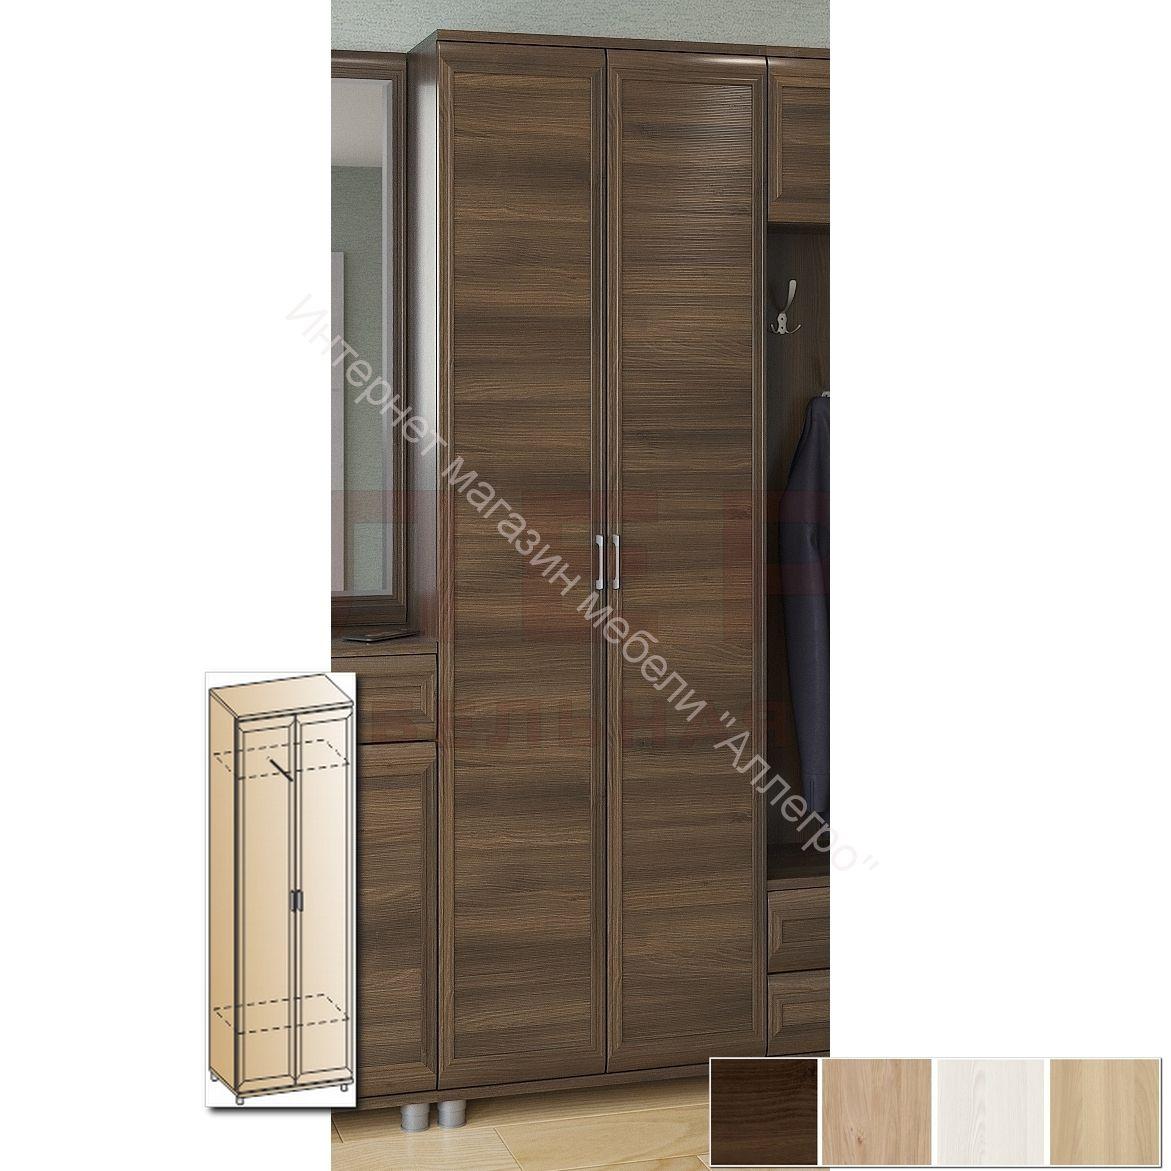 Шкаф ШК-2834 для одежды и белья Мелисса